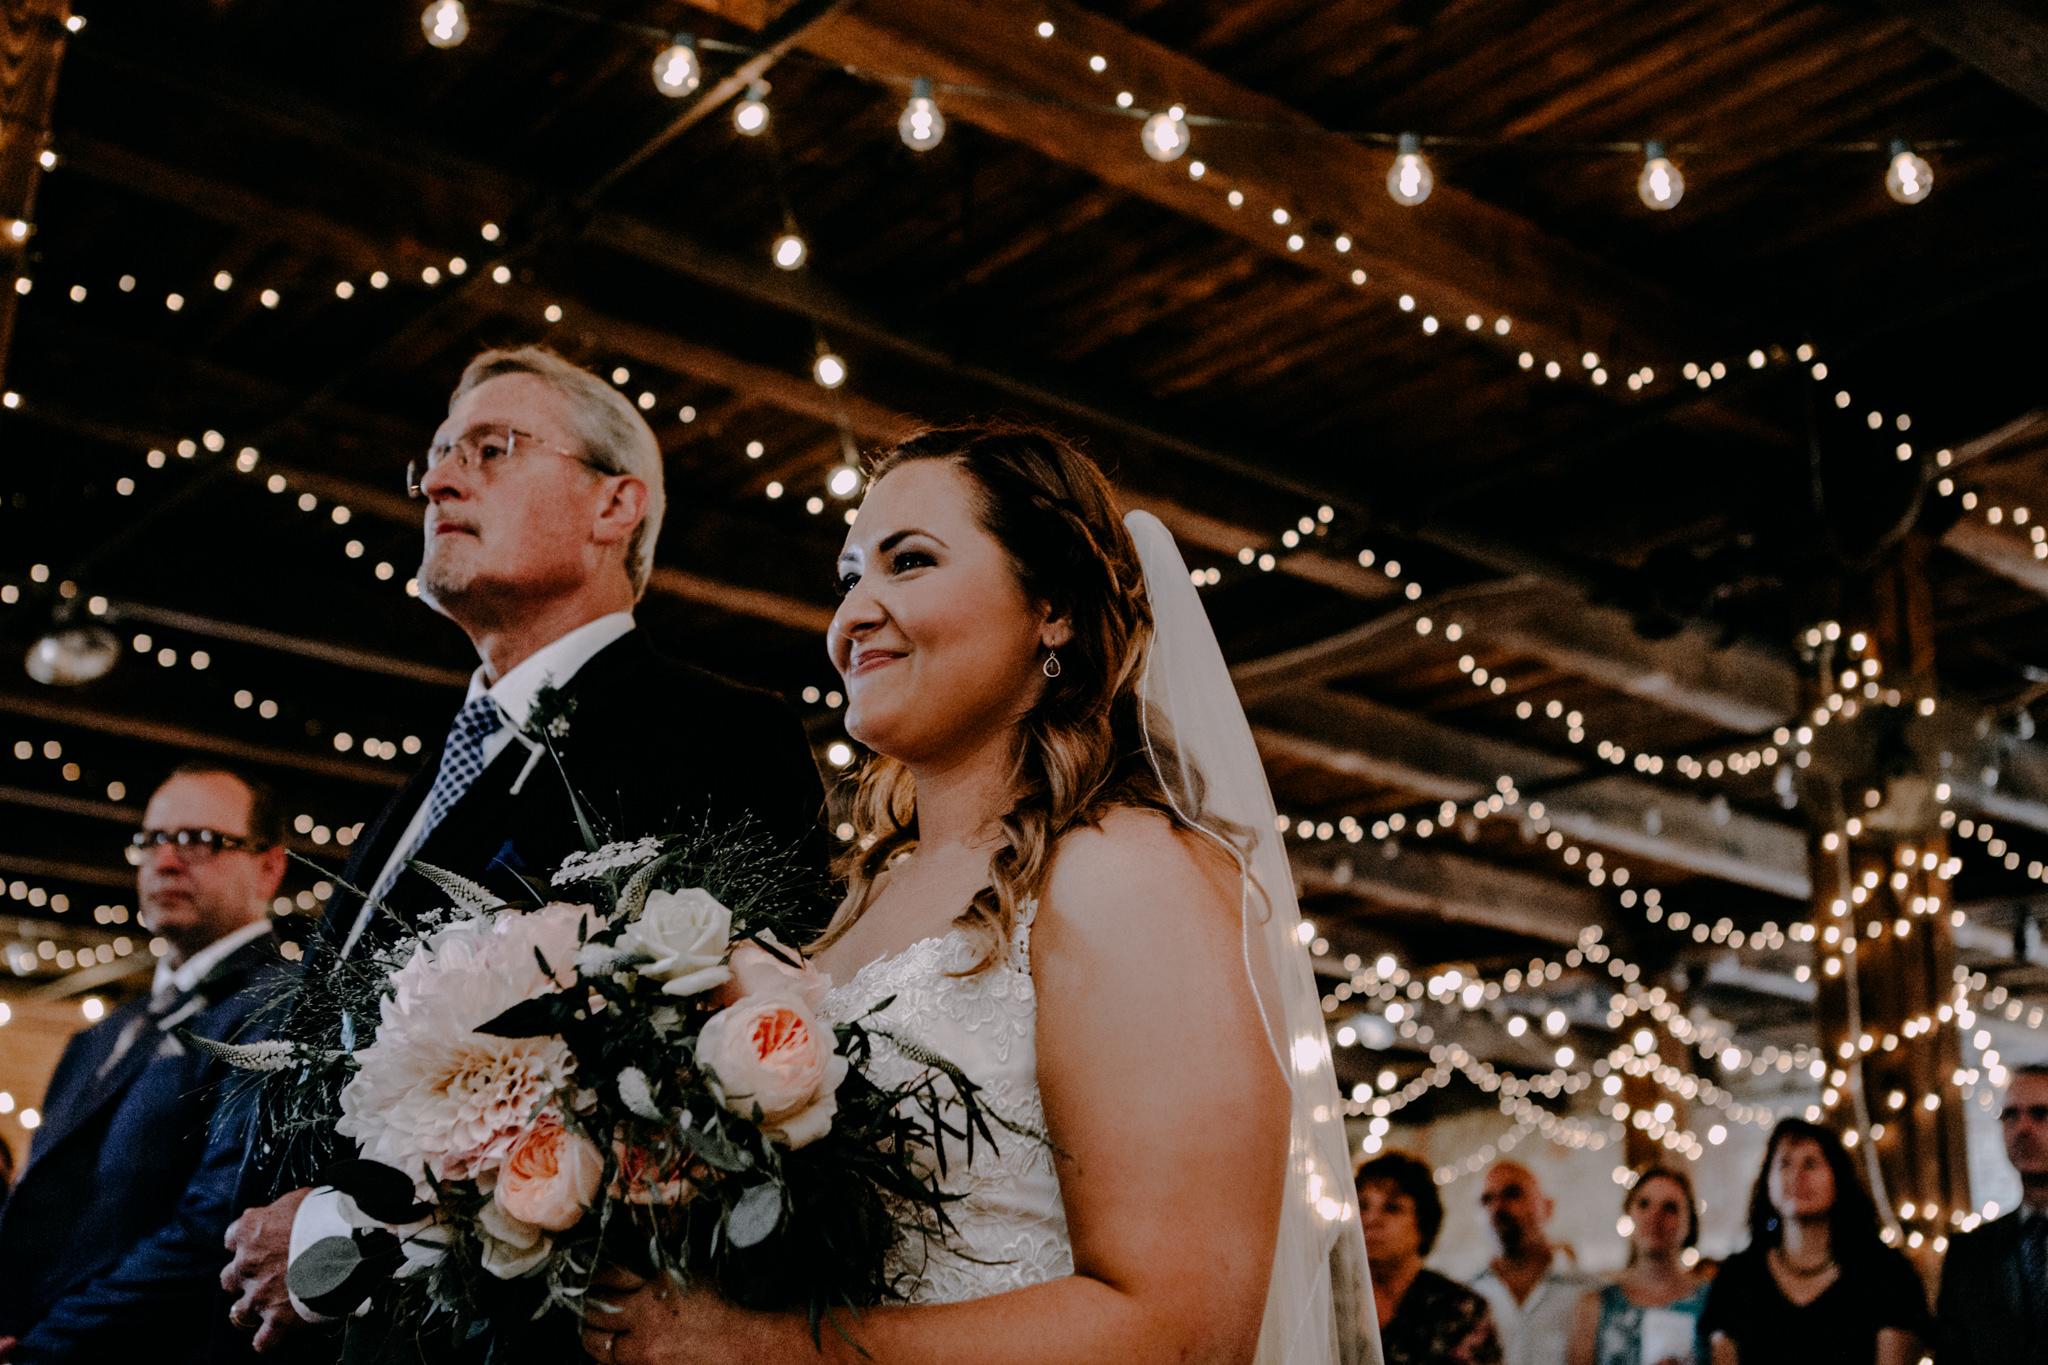 wedding ceremony photo